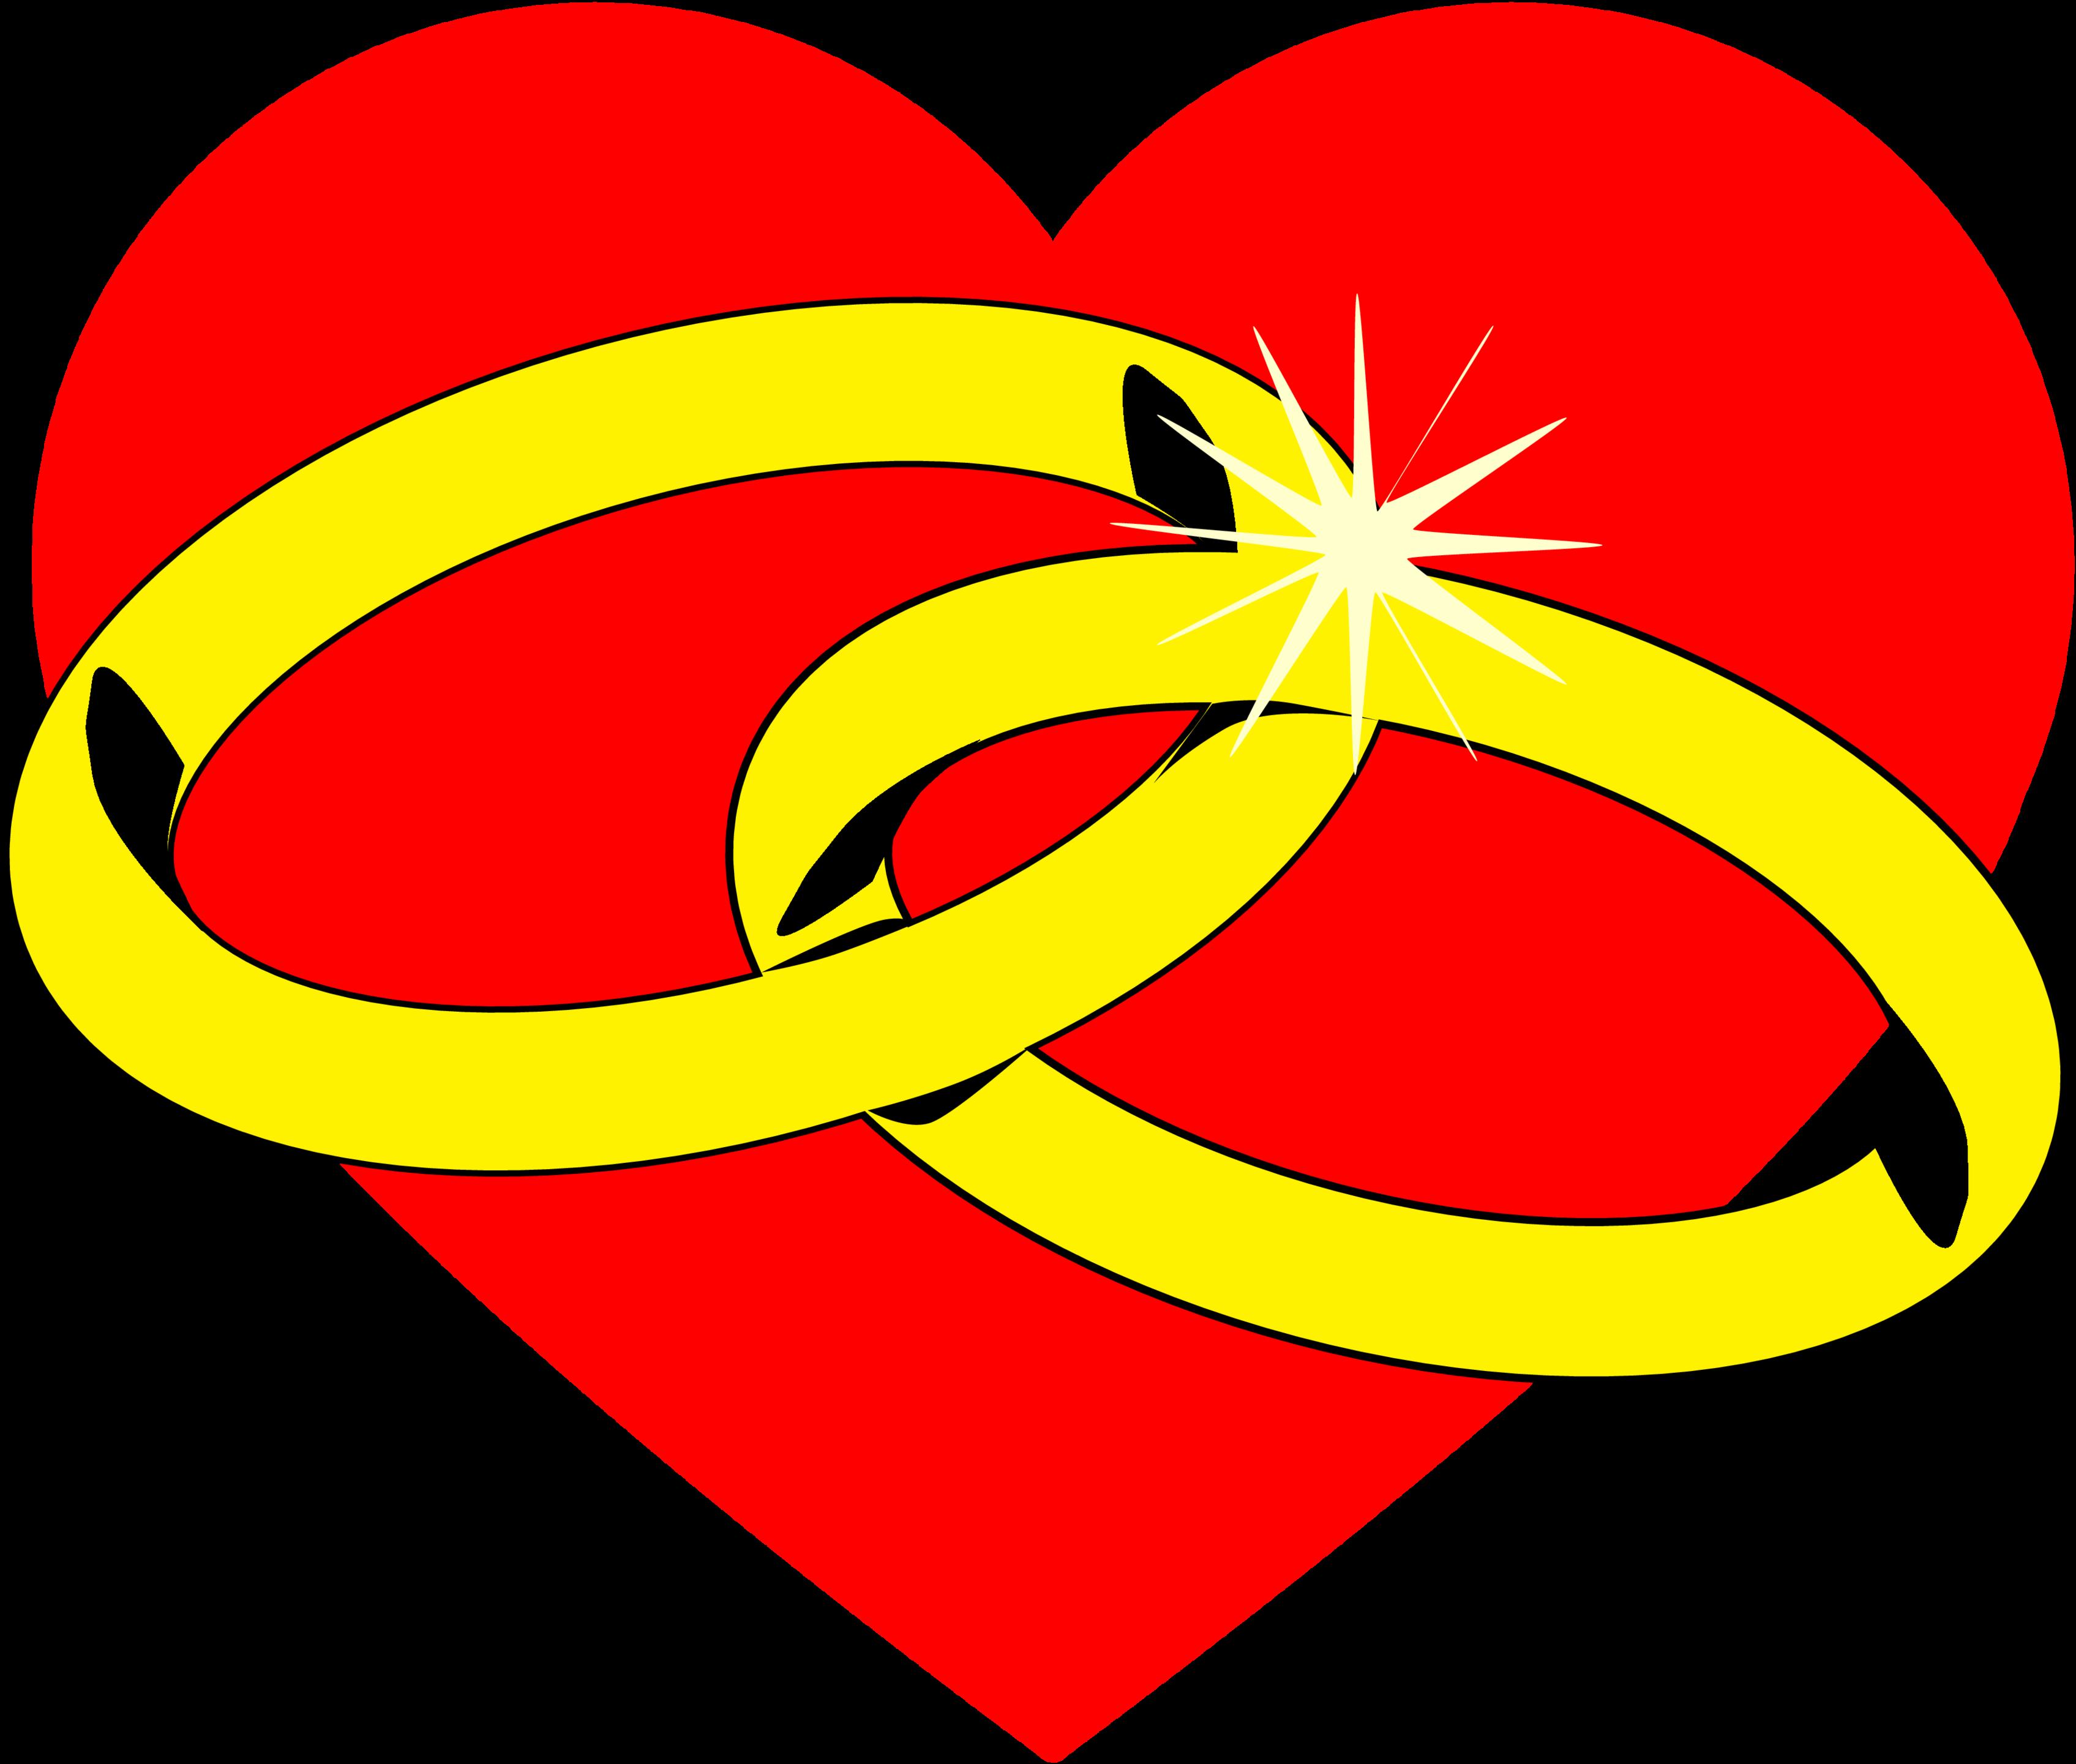 medication clipart heart